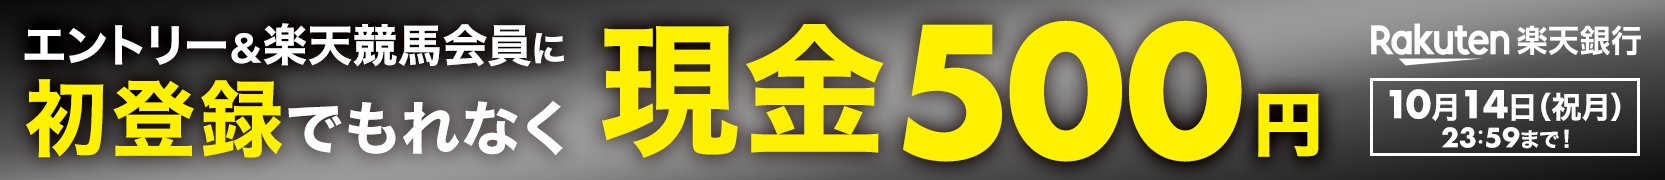 【楽天銀行】エントリーして楽天競馬に新規無料会員登録すると、もれなく現金500円プレゼント!